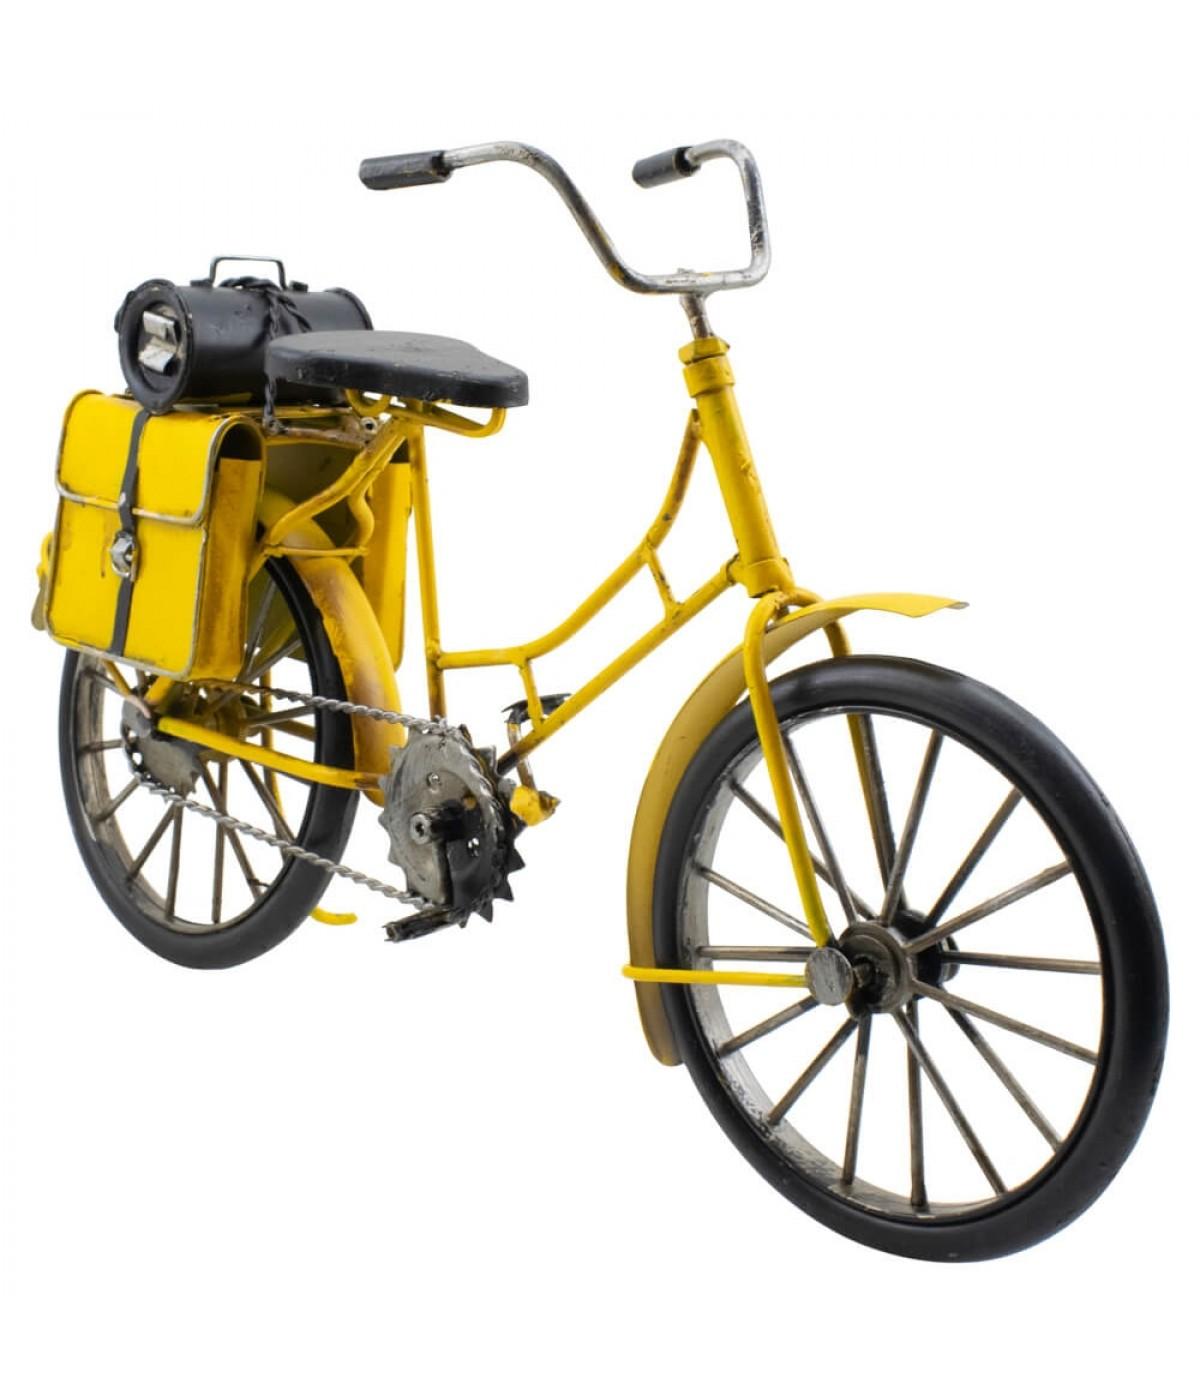 Bicicleta Amarela 2 Bolsas 30cm Estilo Retrô - Vintage